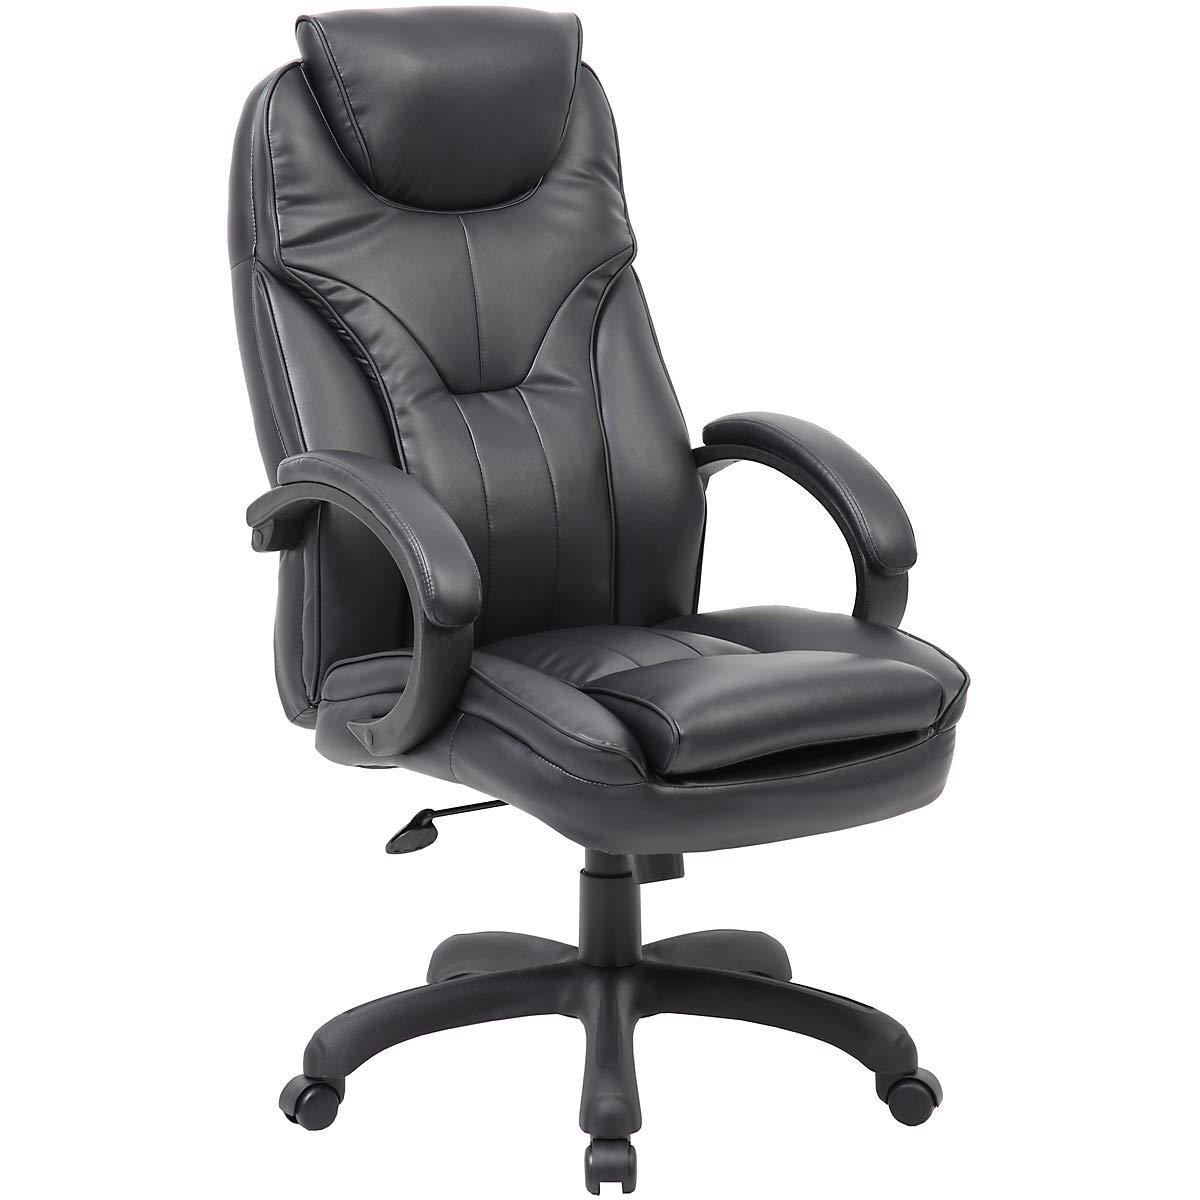 Drehstuhl Toskana mit hoher Rückenlehne und Lederbezug, schwarz - - - Ledersessel mit gepolsterten Armlehnen - Eleganter Bürostuhl mit Leichtlaufrollen 12565b